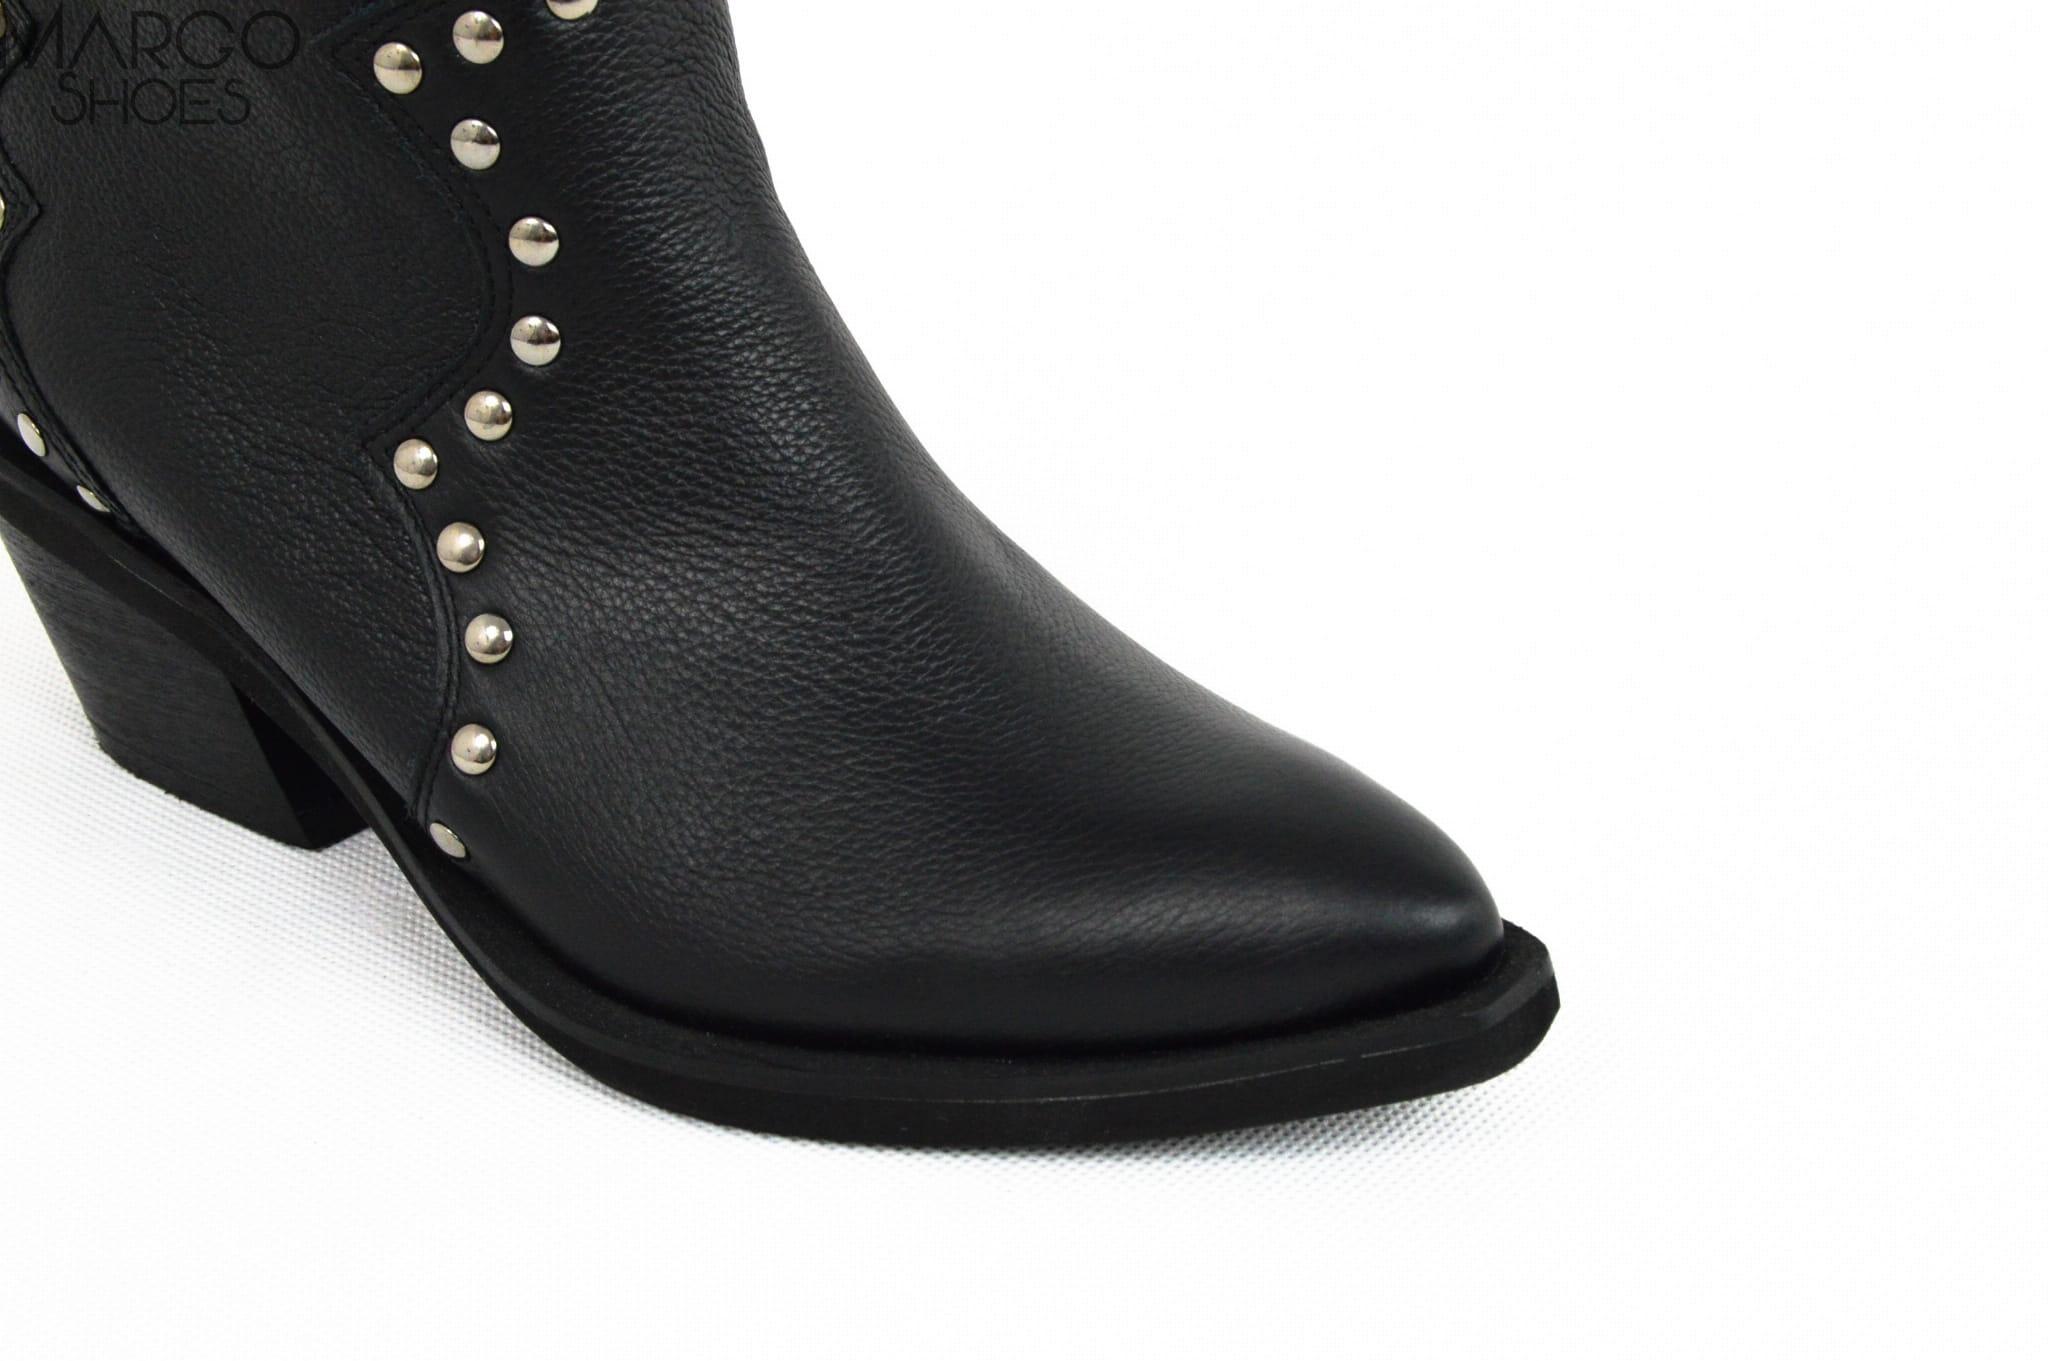 MargoShoes czarne skórzane botki kozaki kowbojki kowboje z dżetami niski obcas płaski spód w szpic skóra naturalna zapinane na zamek